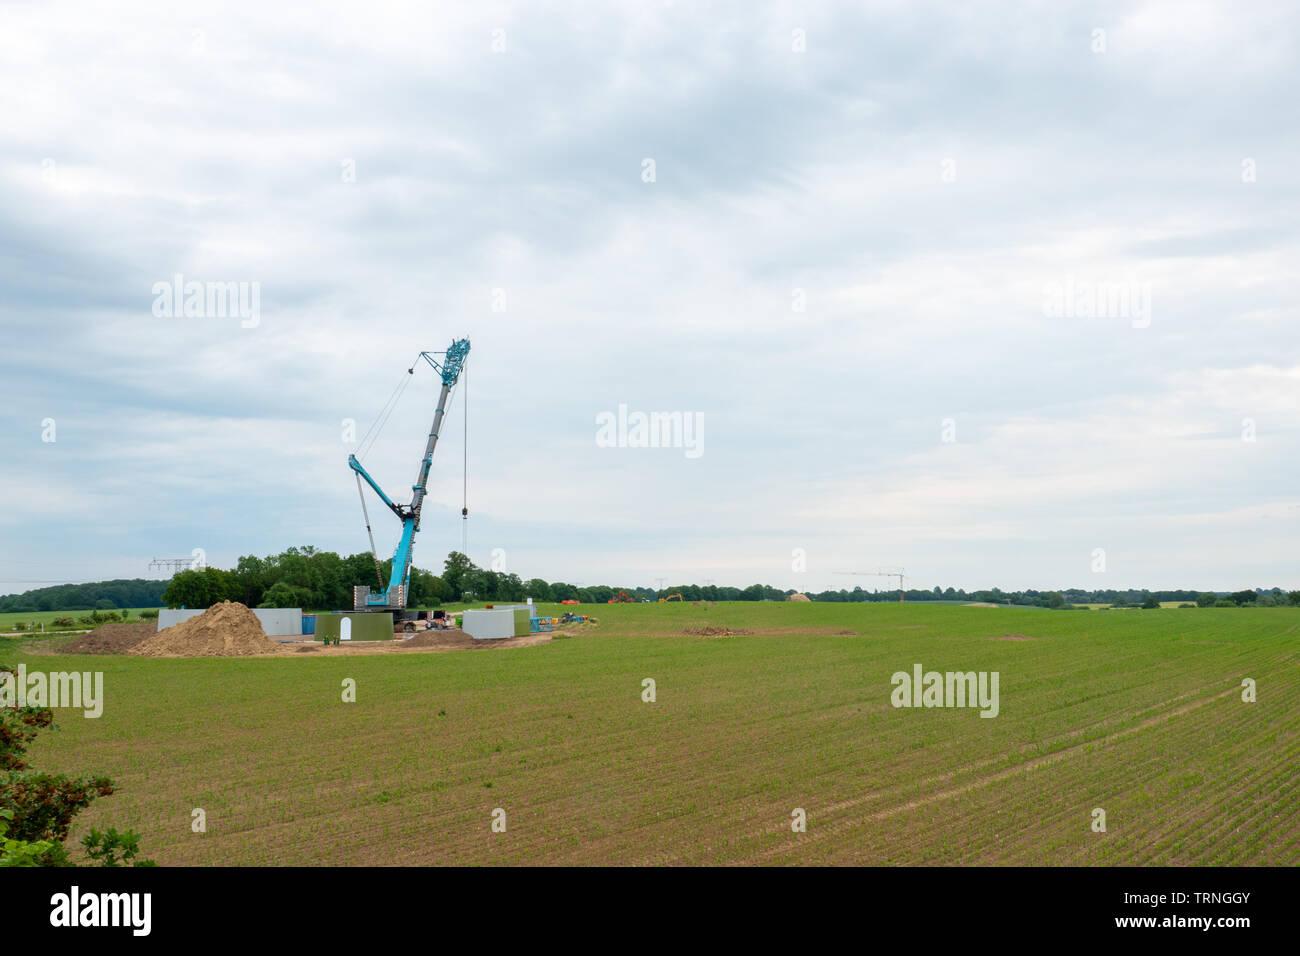 In der Mitte ein Feld, eine Windenergieanlage errichtet wird mit Hilfe von einem großen Kran Stockfoto